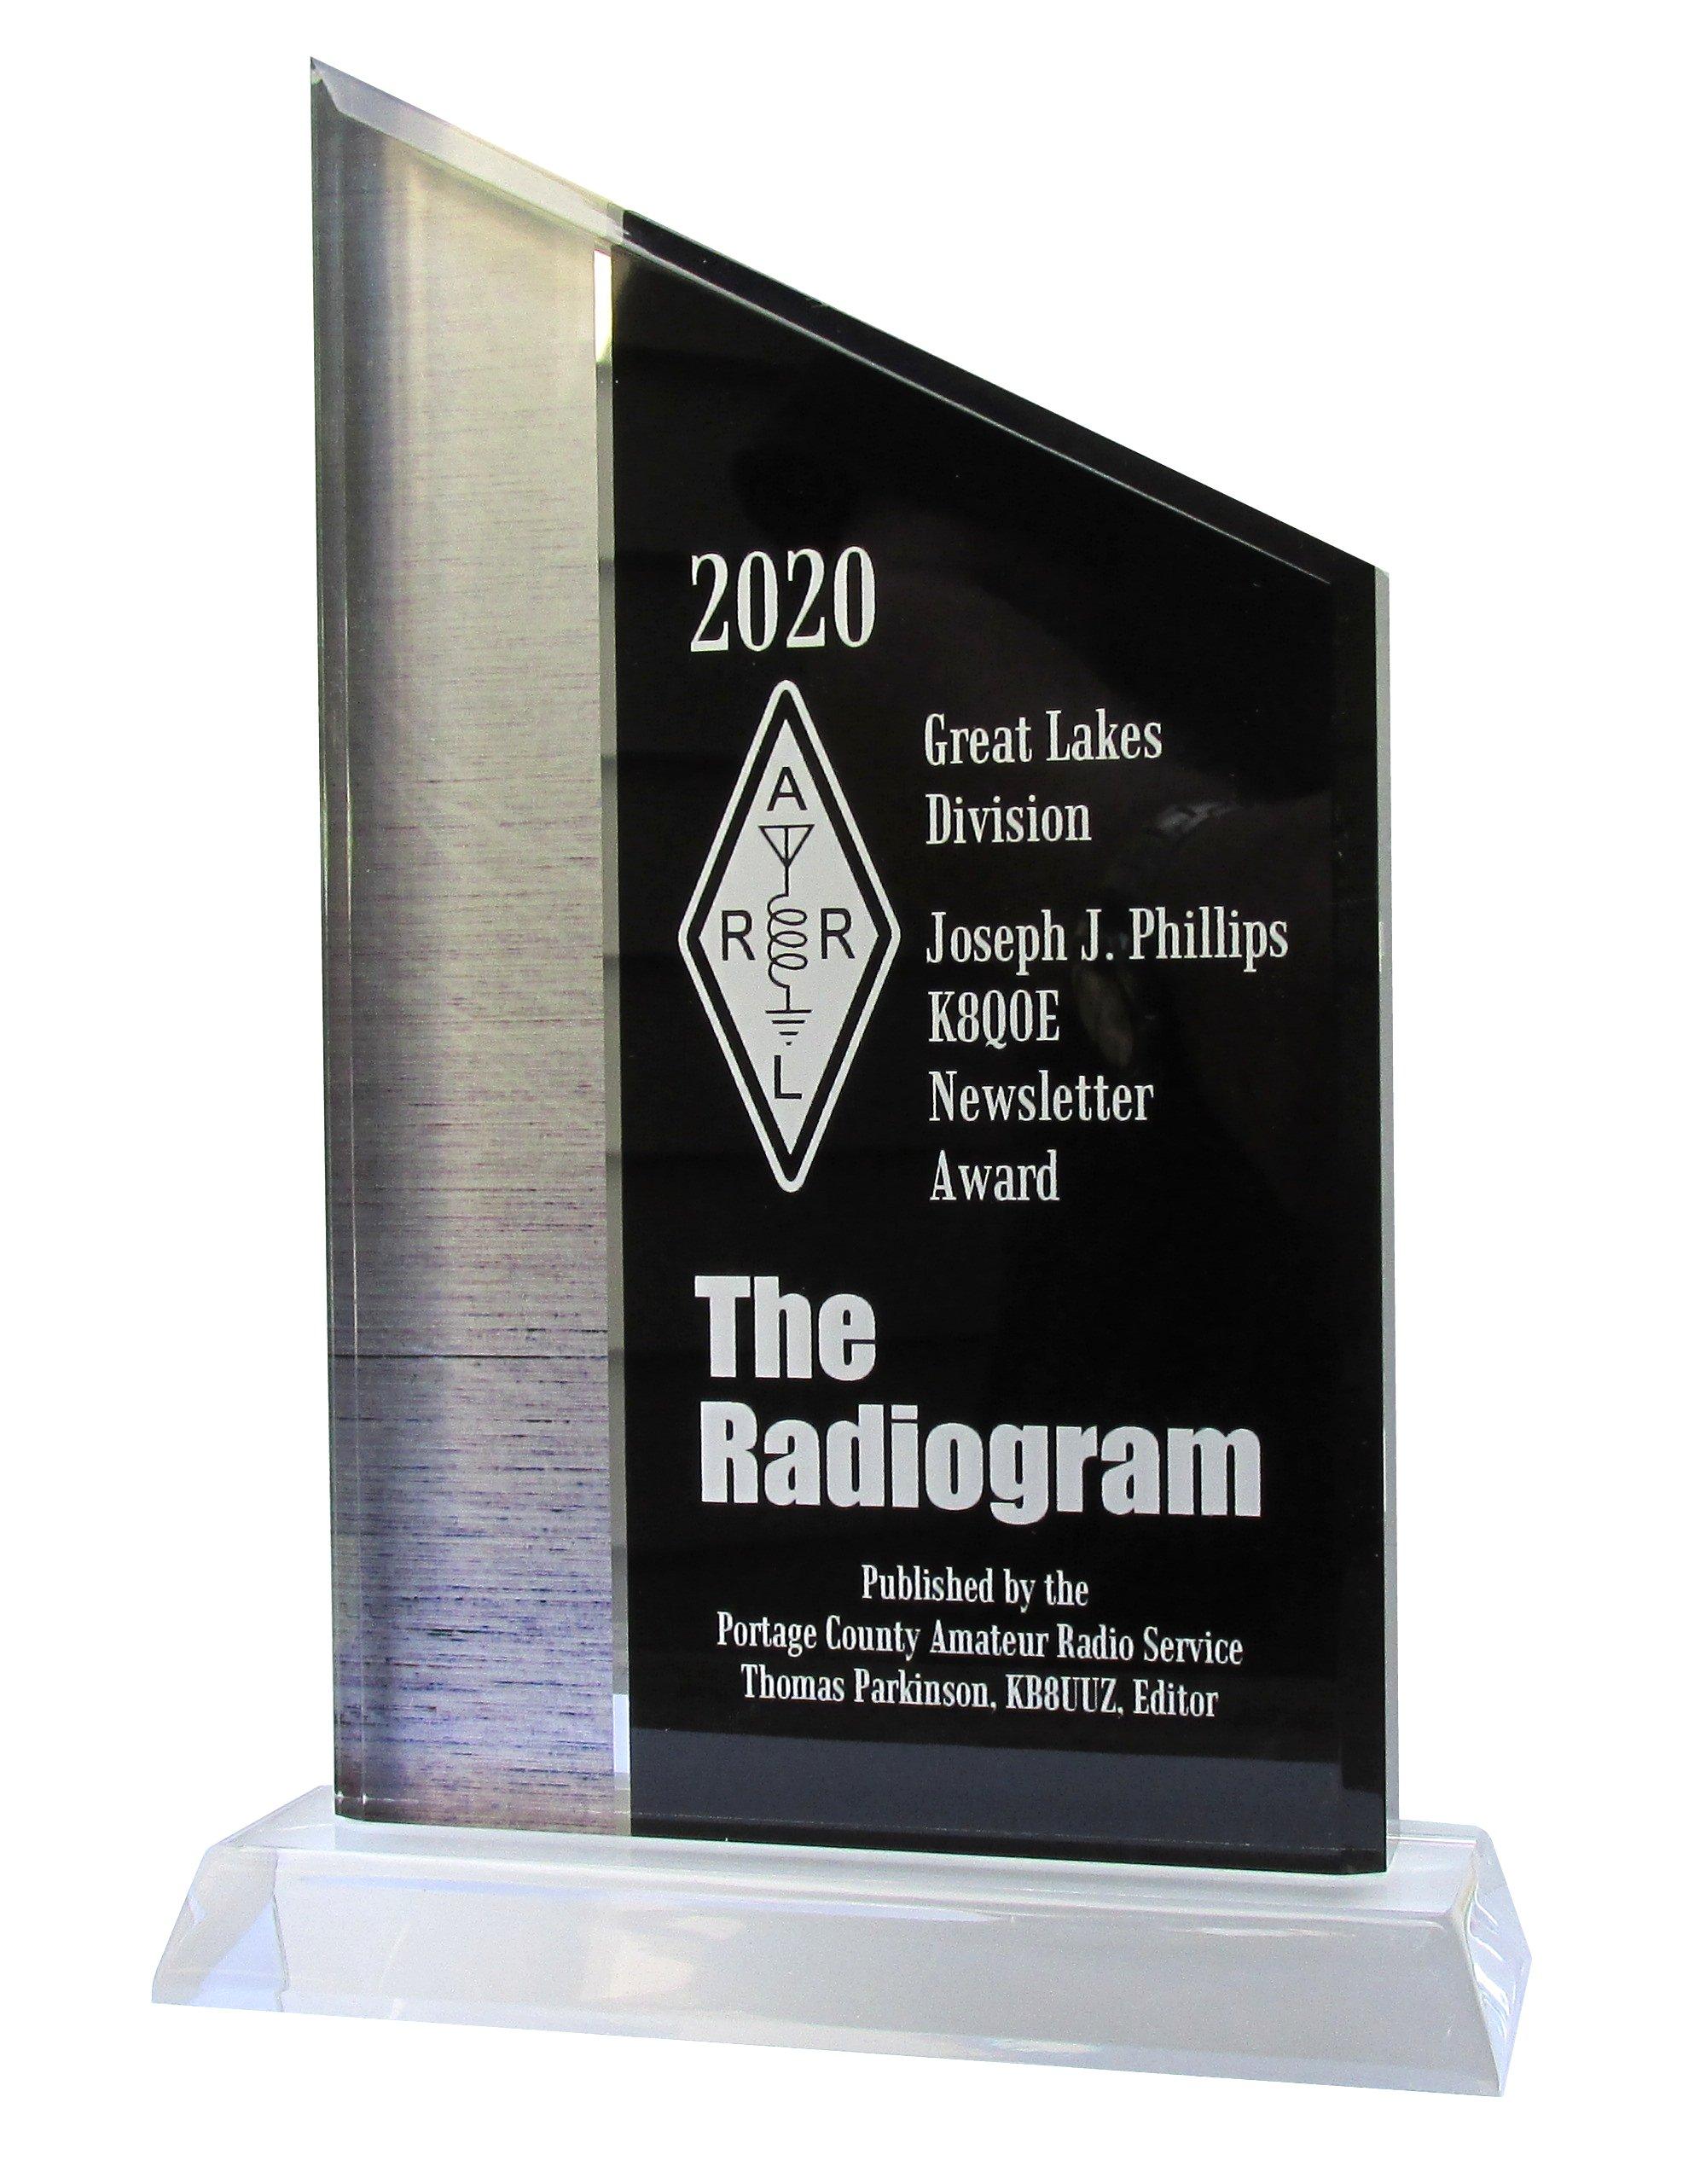 Winner of the 2020 Joseph Phillips Newsletter Award